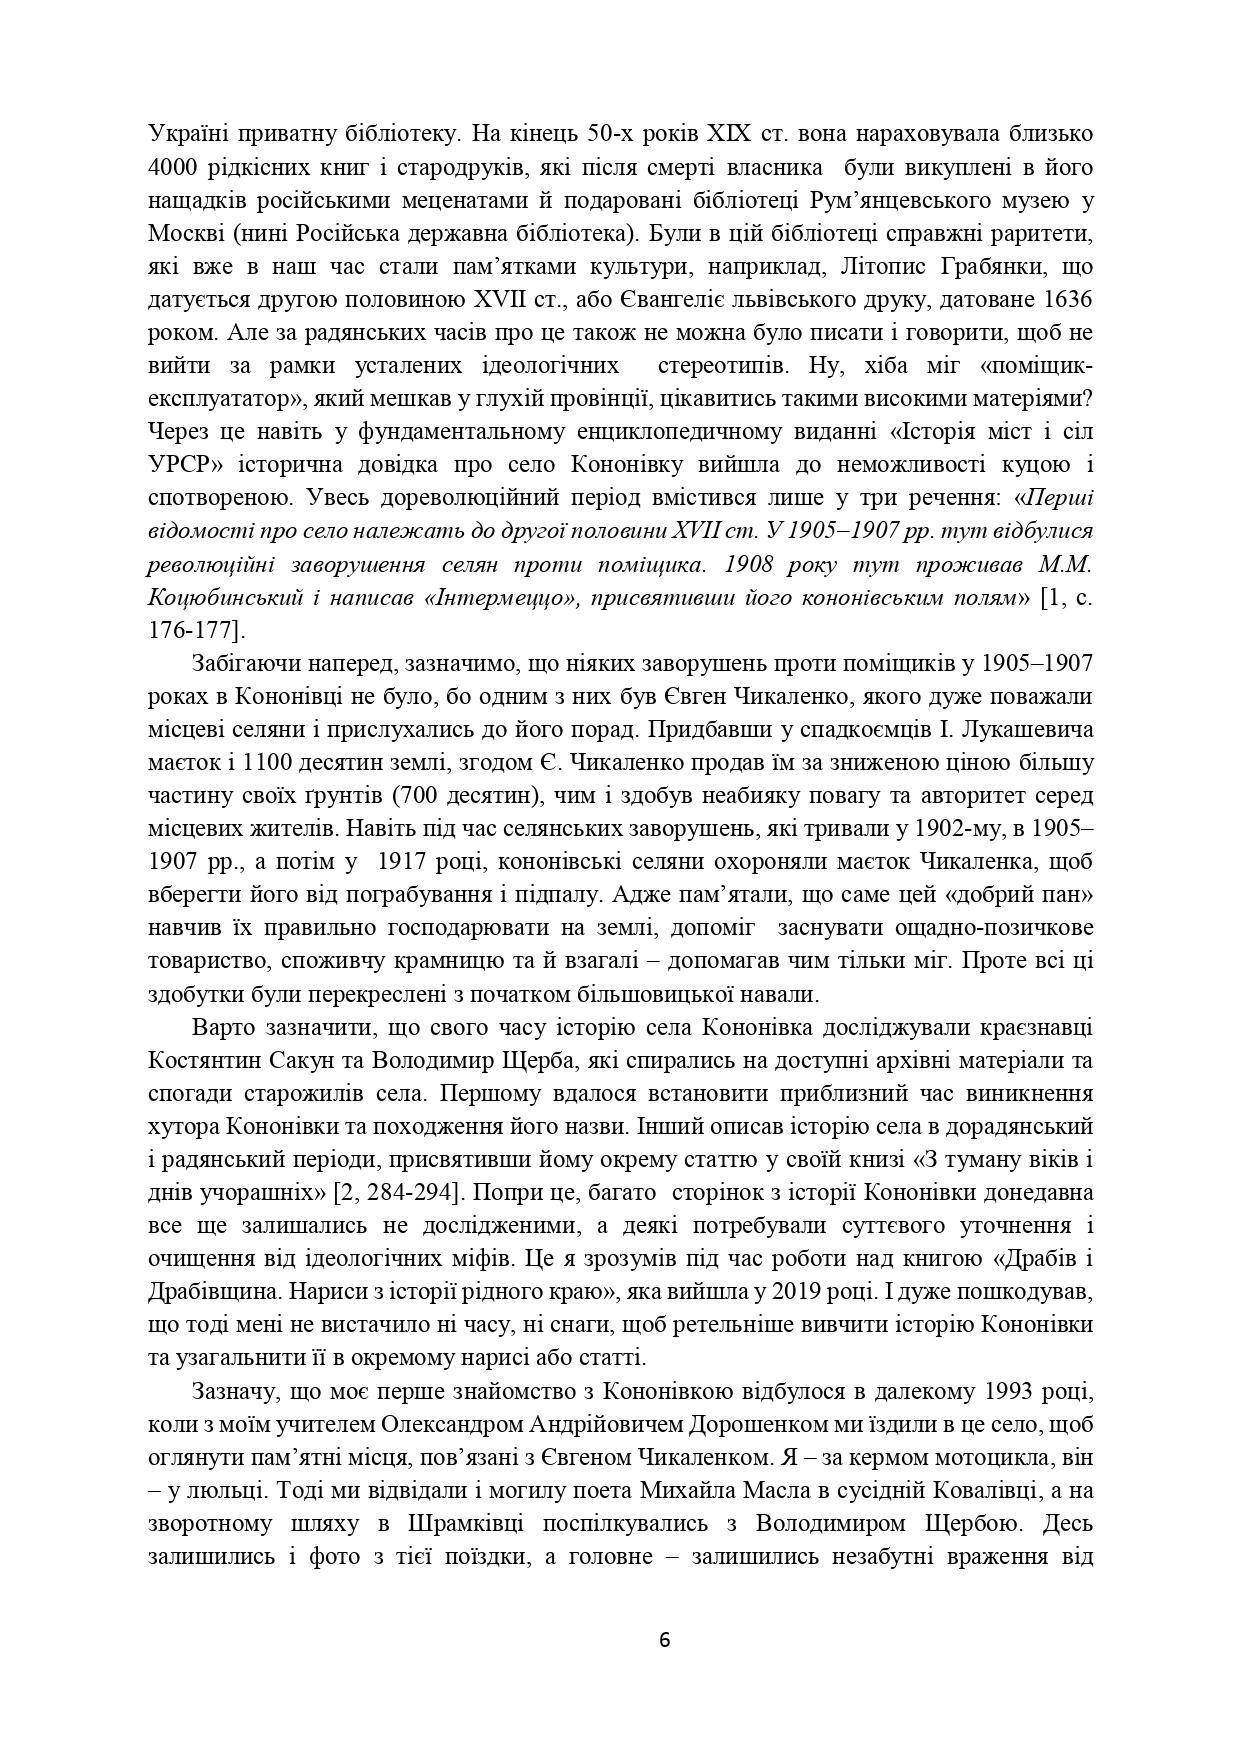 ІСТОРІЯ СЕЛА КОНОНІВКА 2021 (1)_page-0006